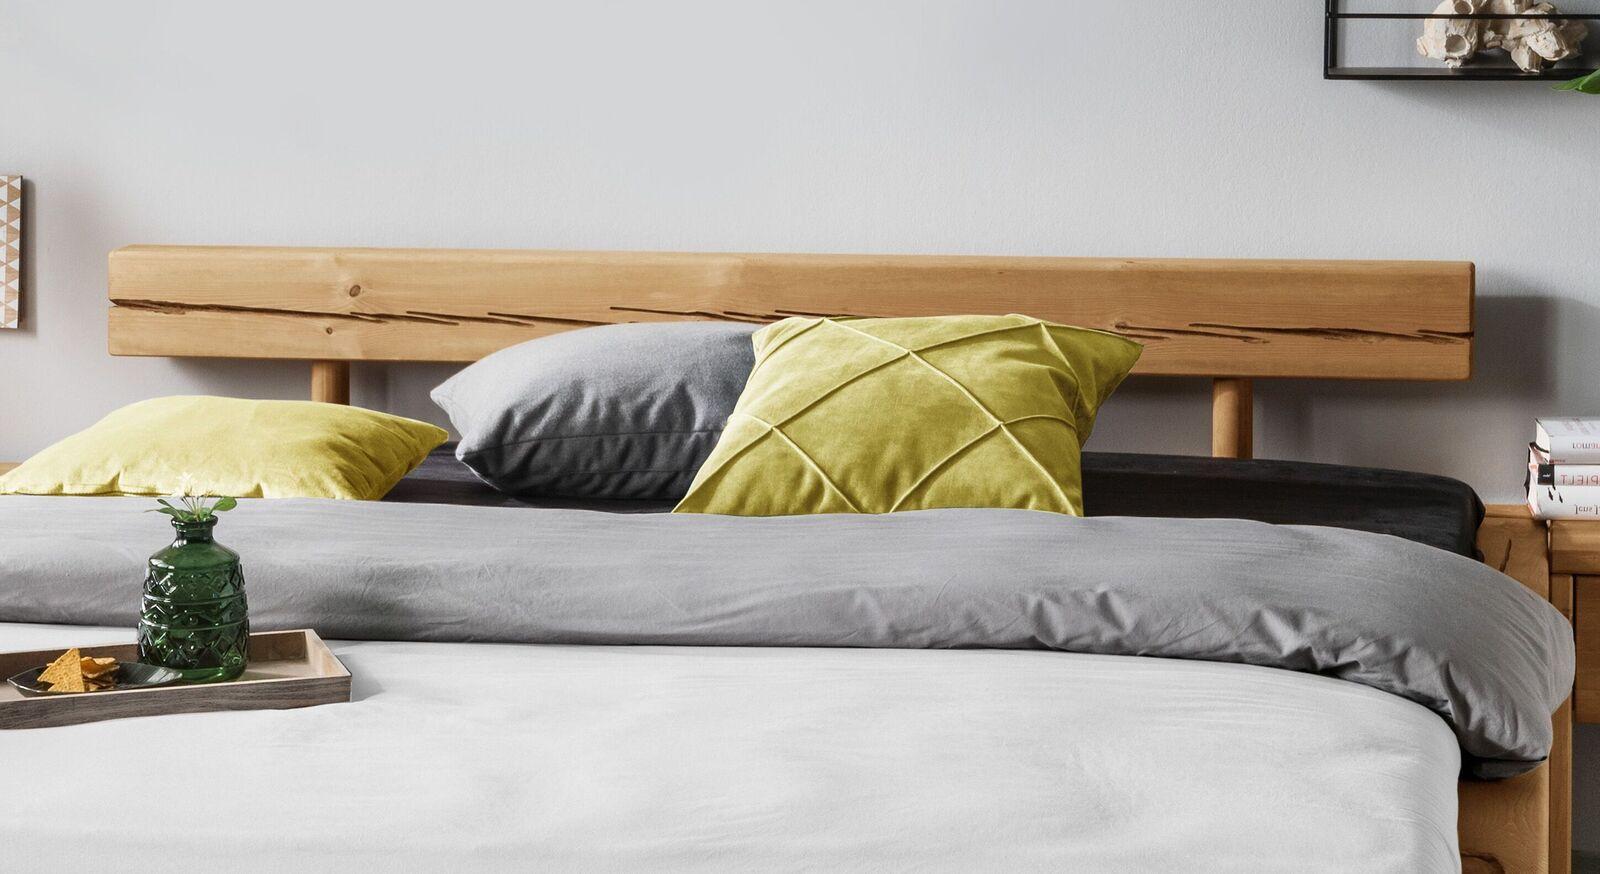 Bett Krista mit niedrigem Balkenkopfteil